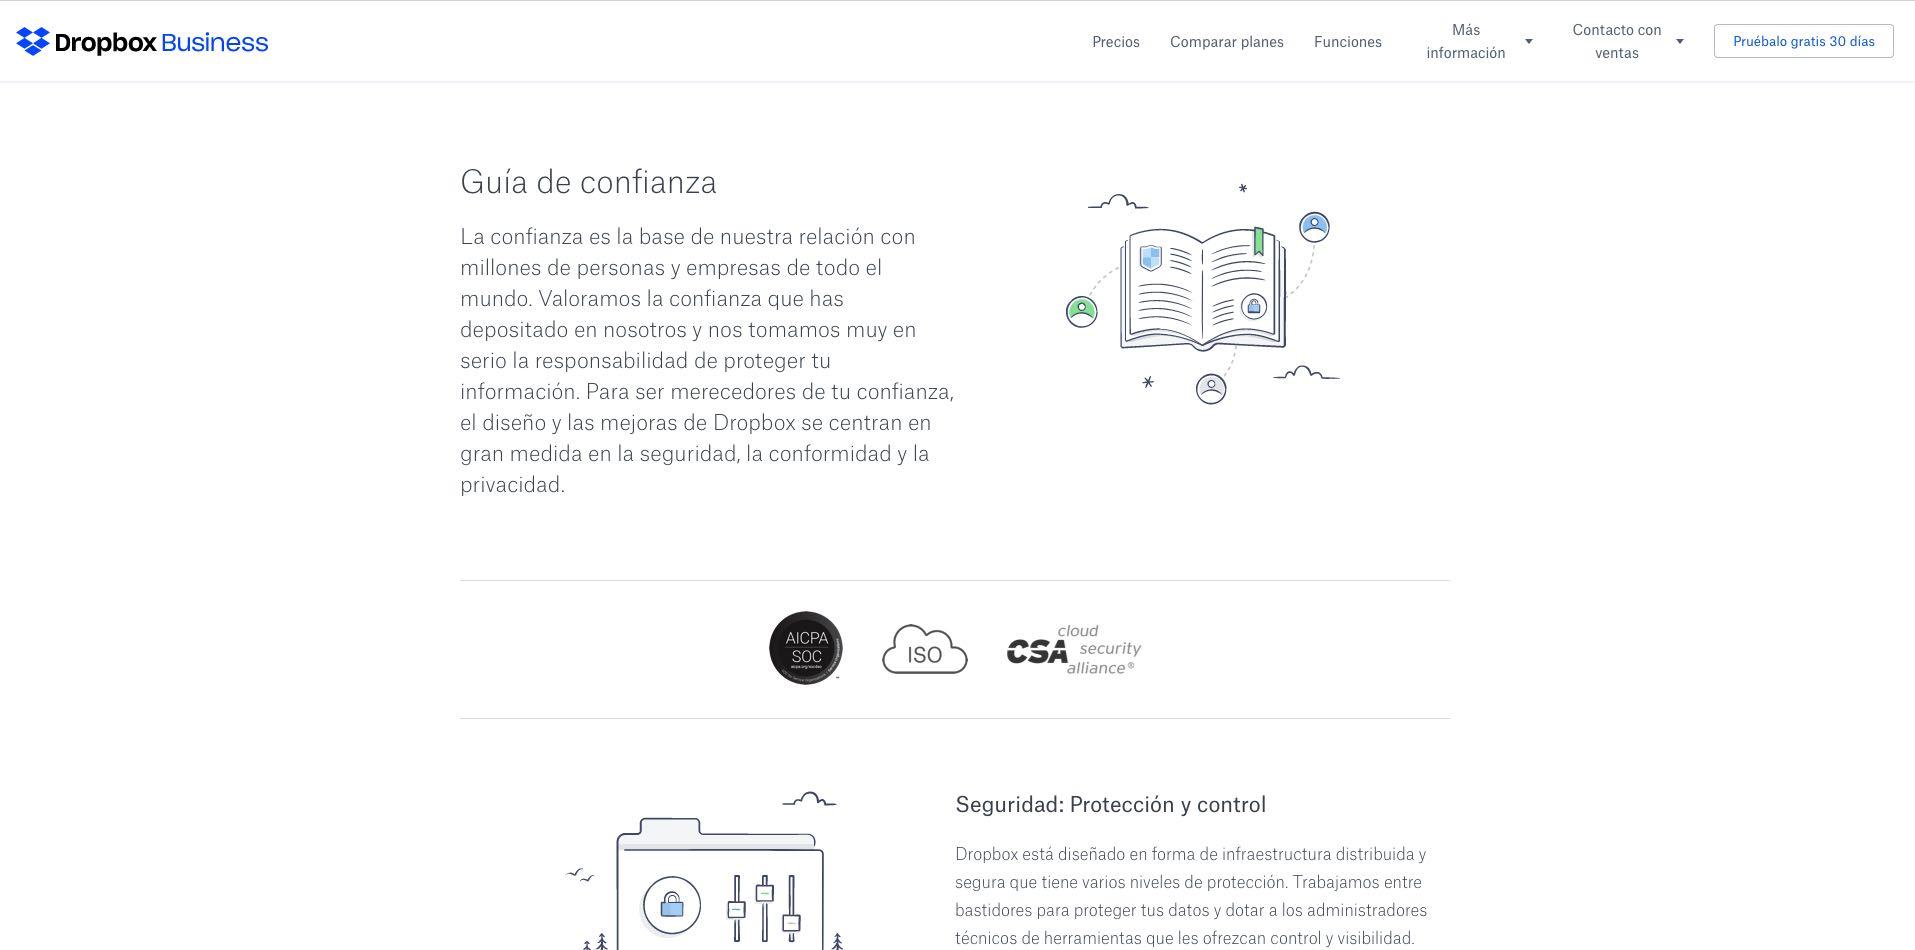 Ejemplo de página web con ilustraciones